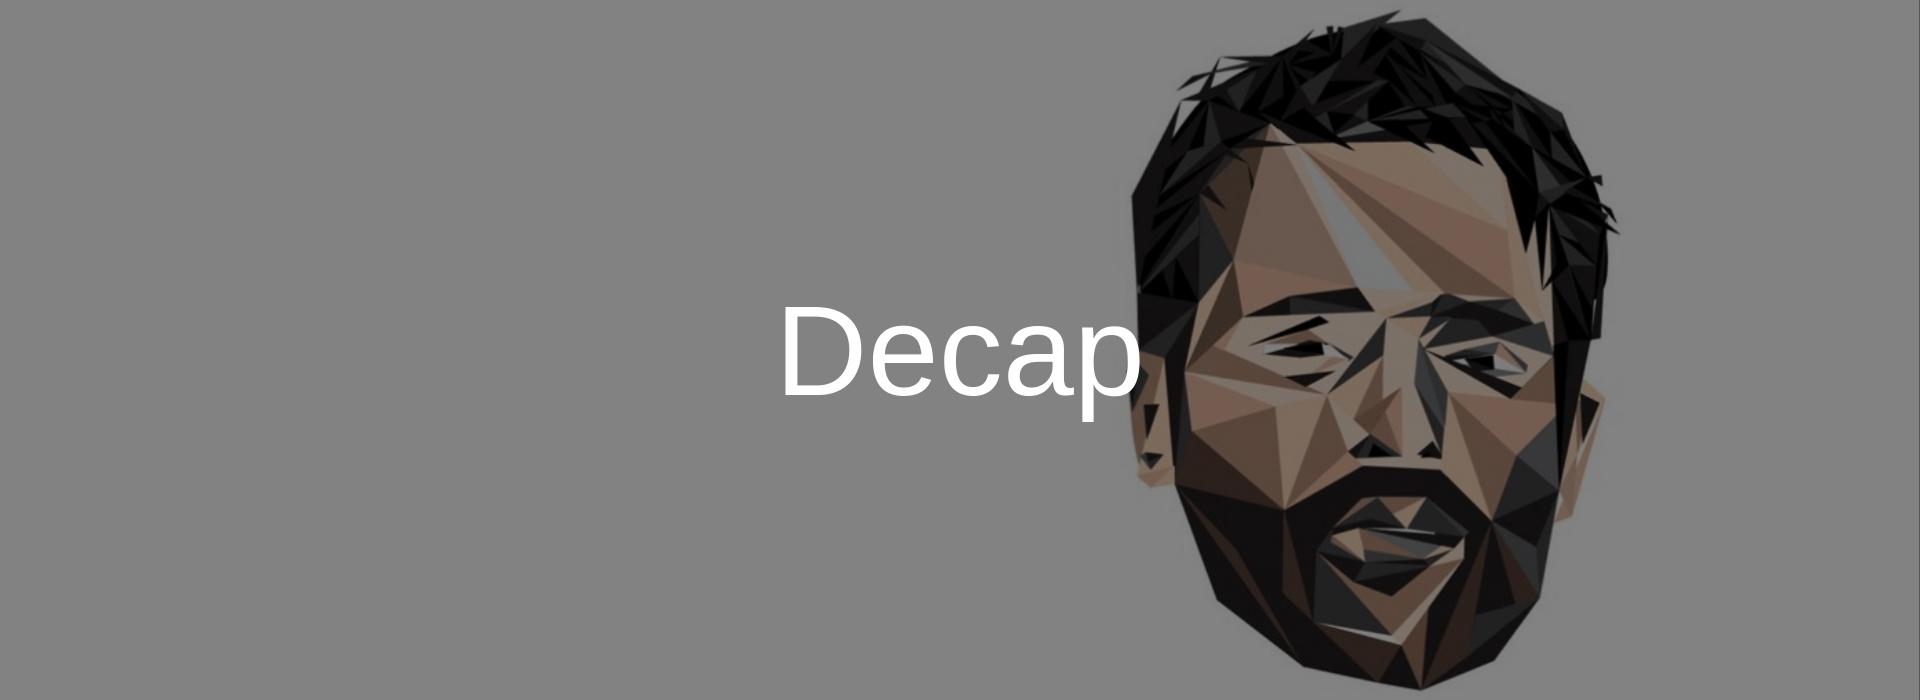 Decap - Pyramind